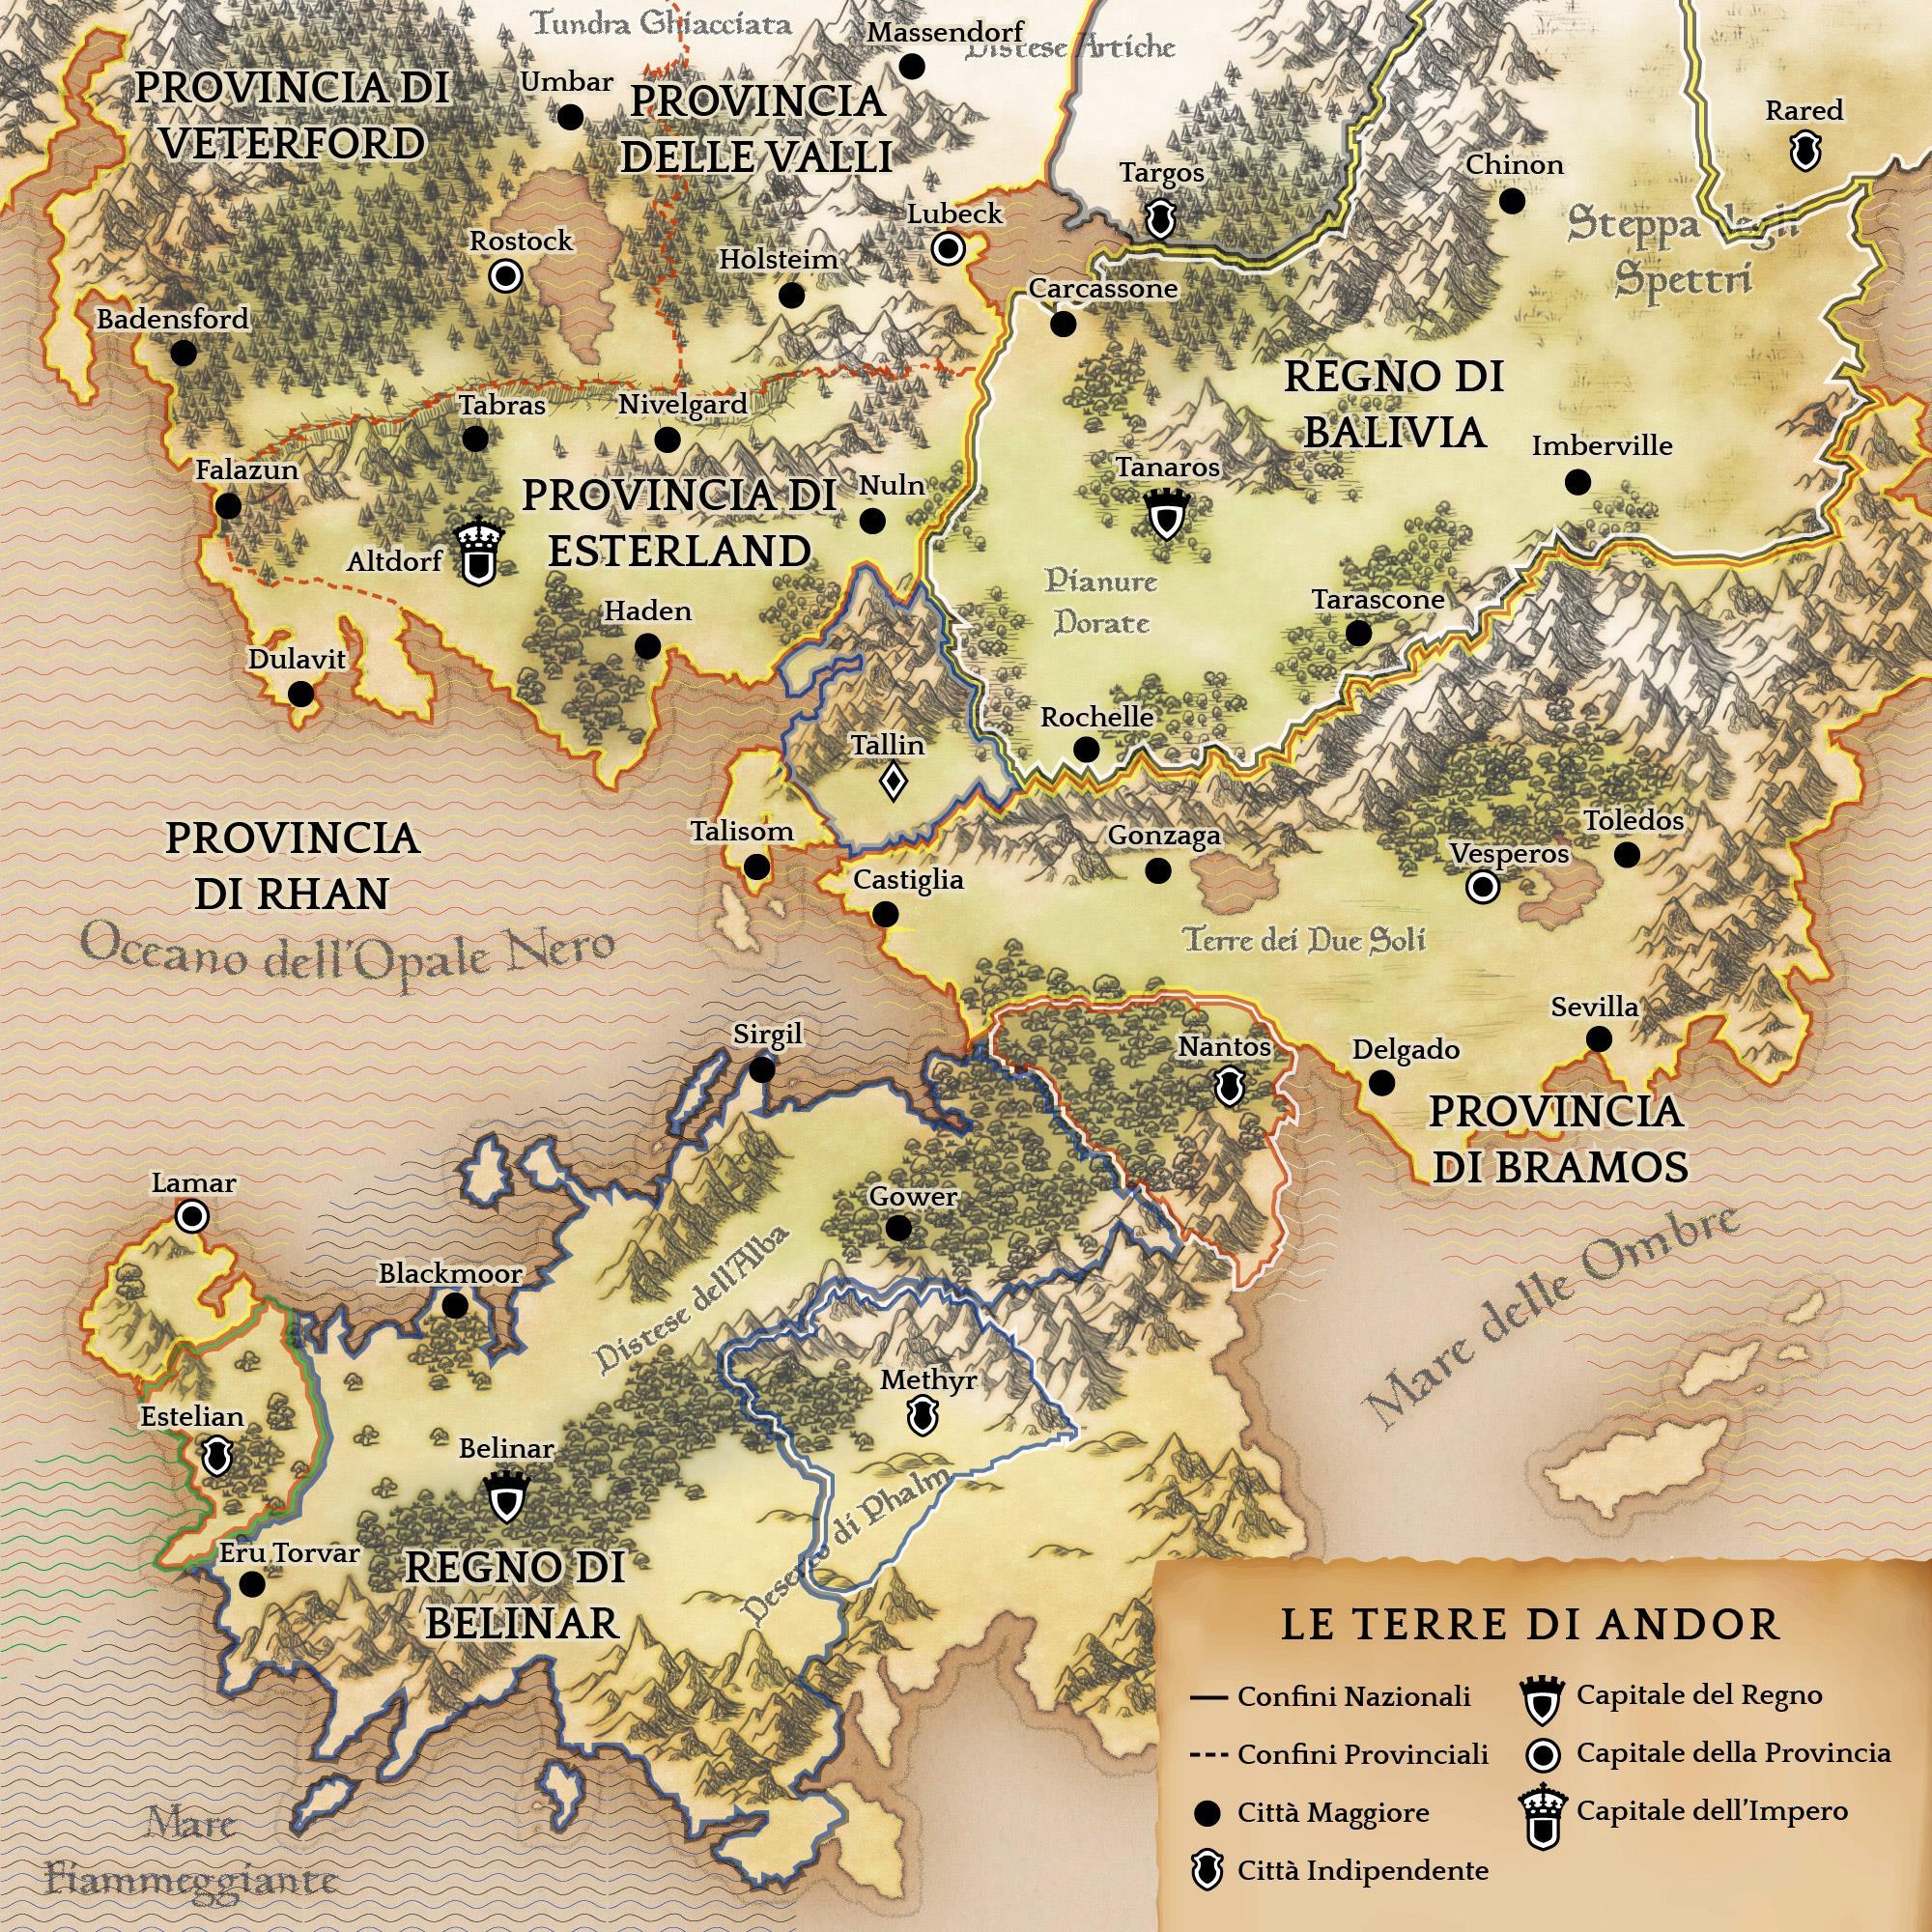 map-politica-draghi-andorian